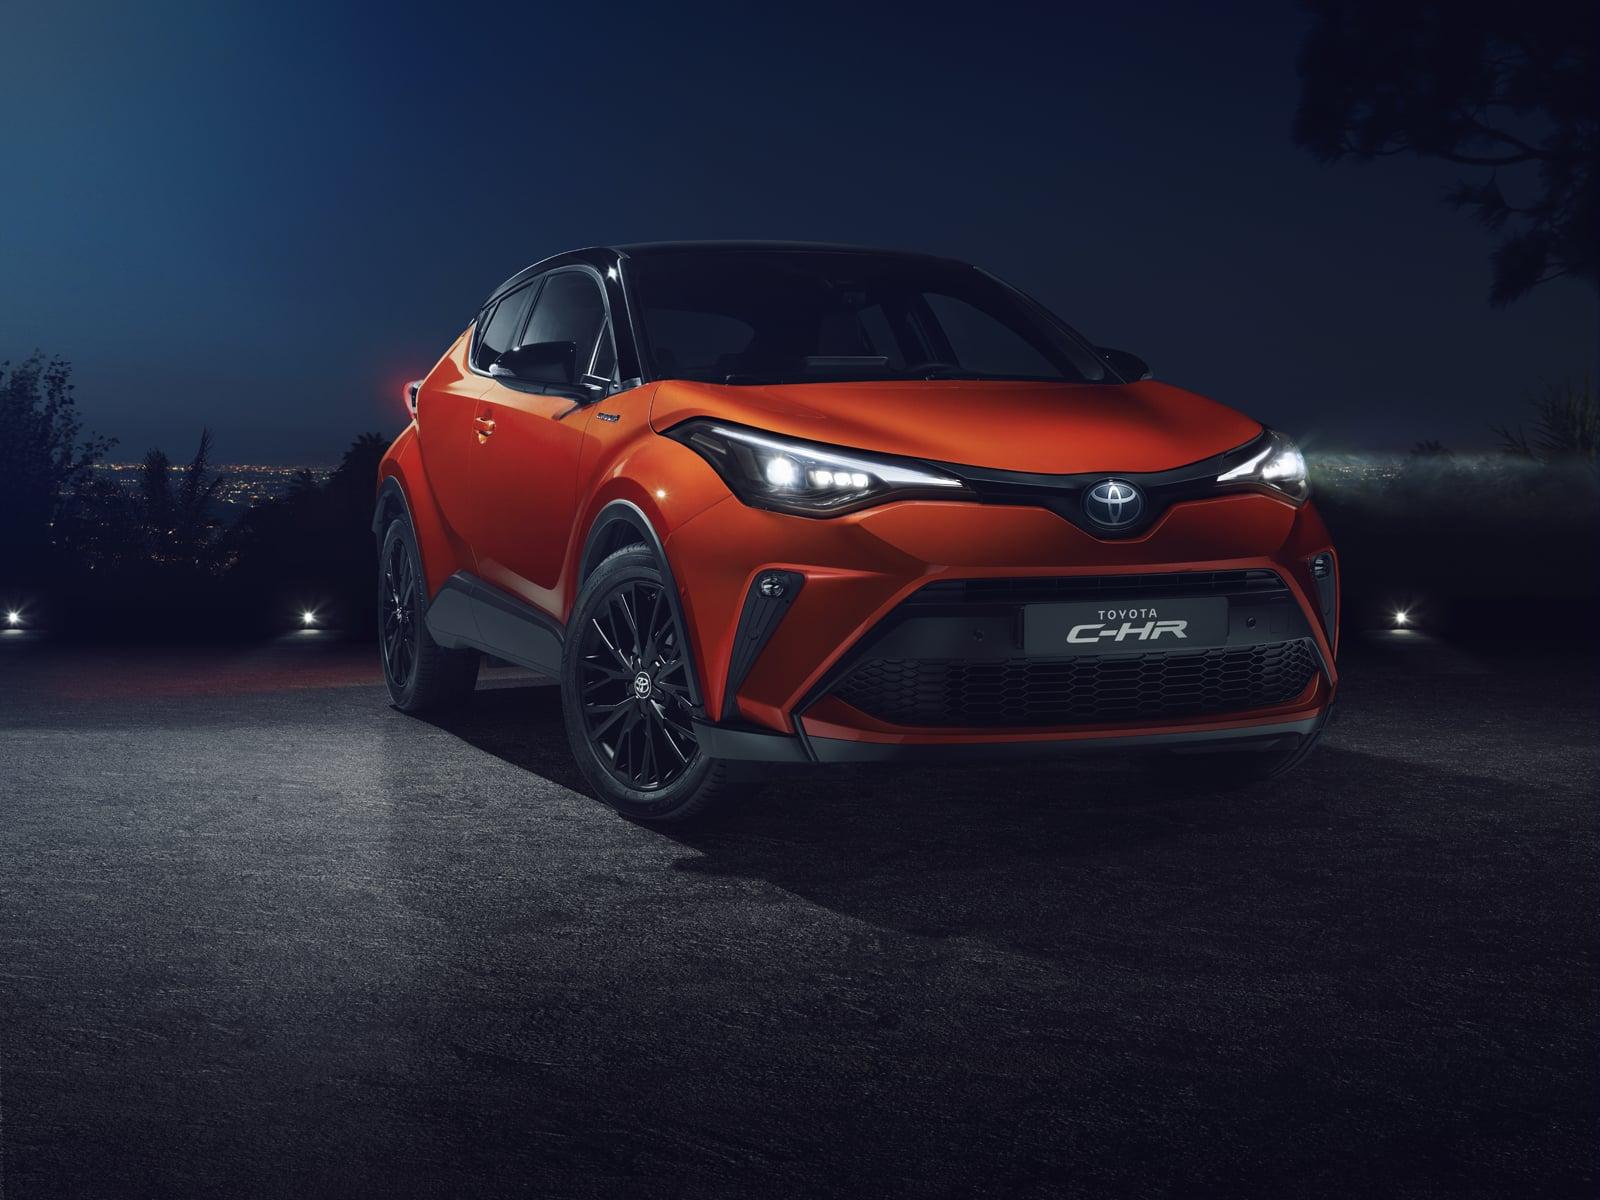 Le nouveau Toyota C-HR 184 ch